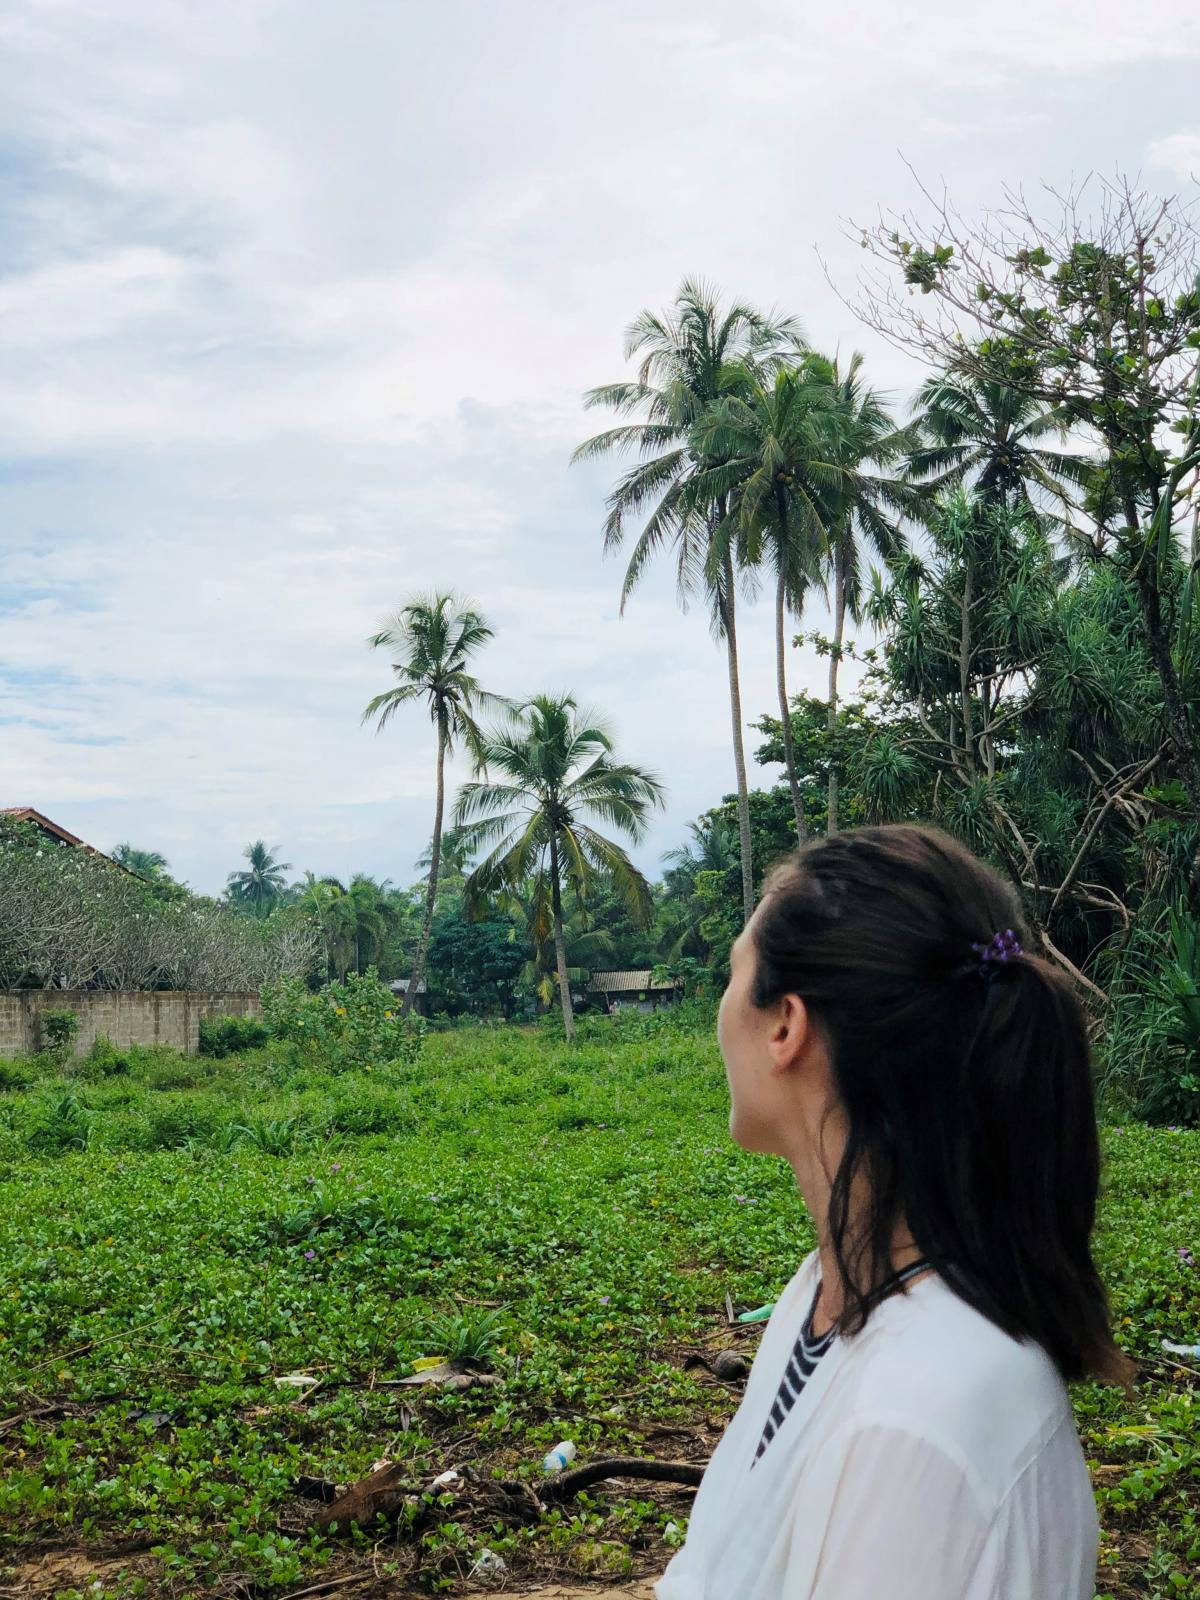 Тогда как позади меня в джунглях – много пластиковых отходов / Фото Вероника Кордон